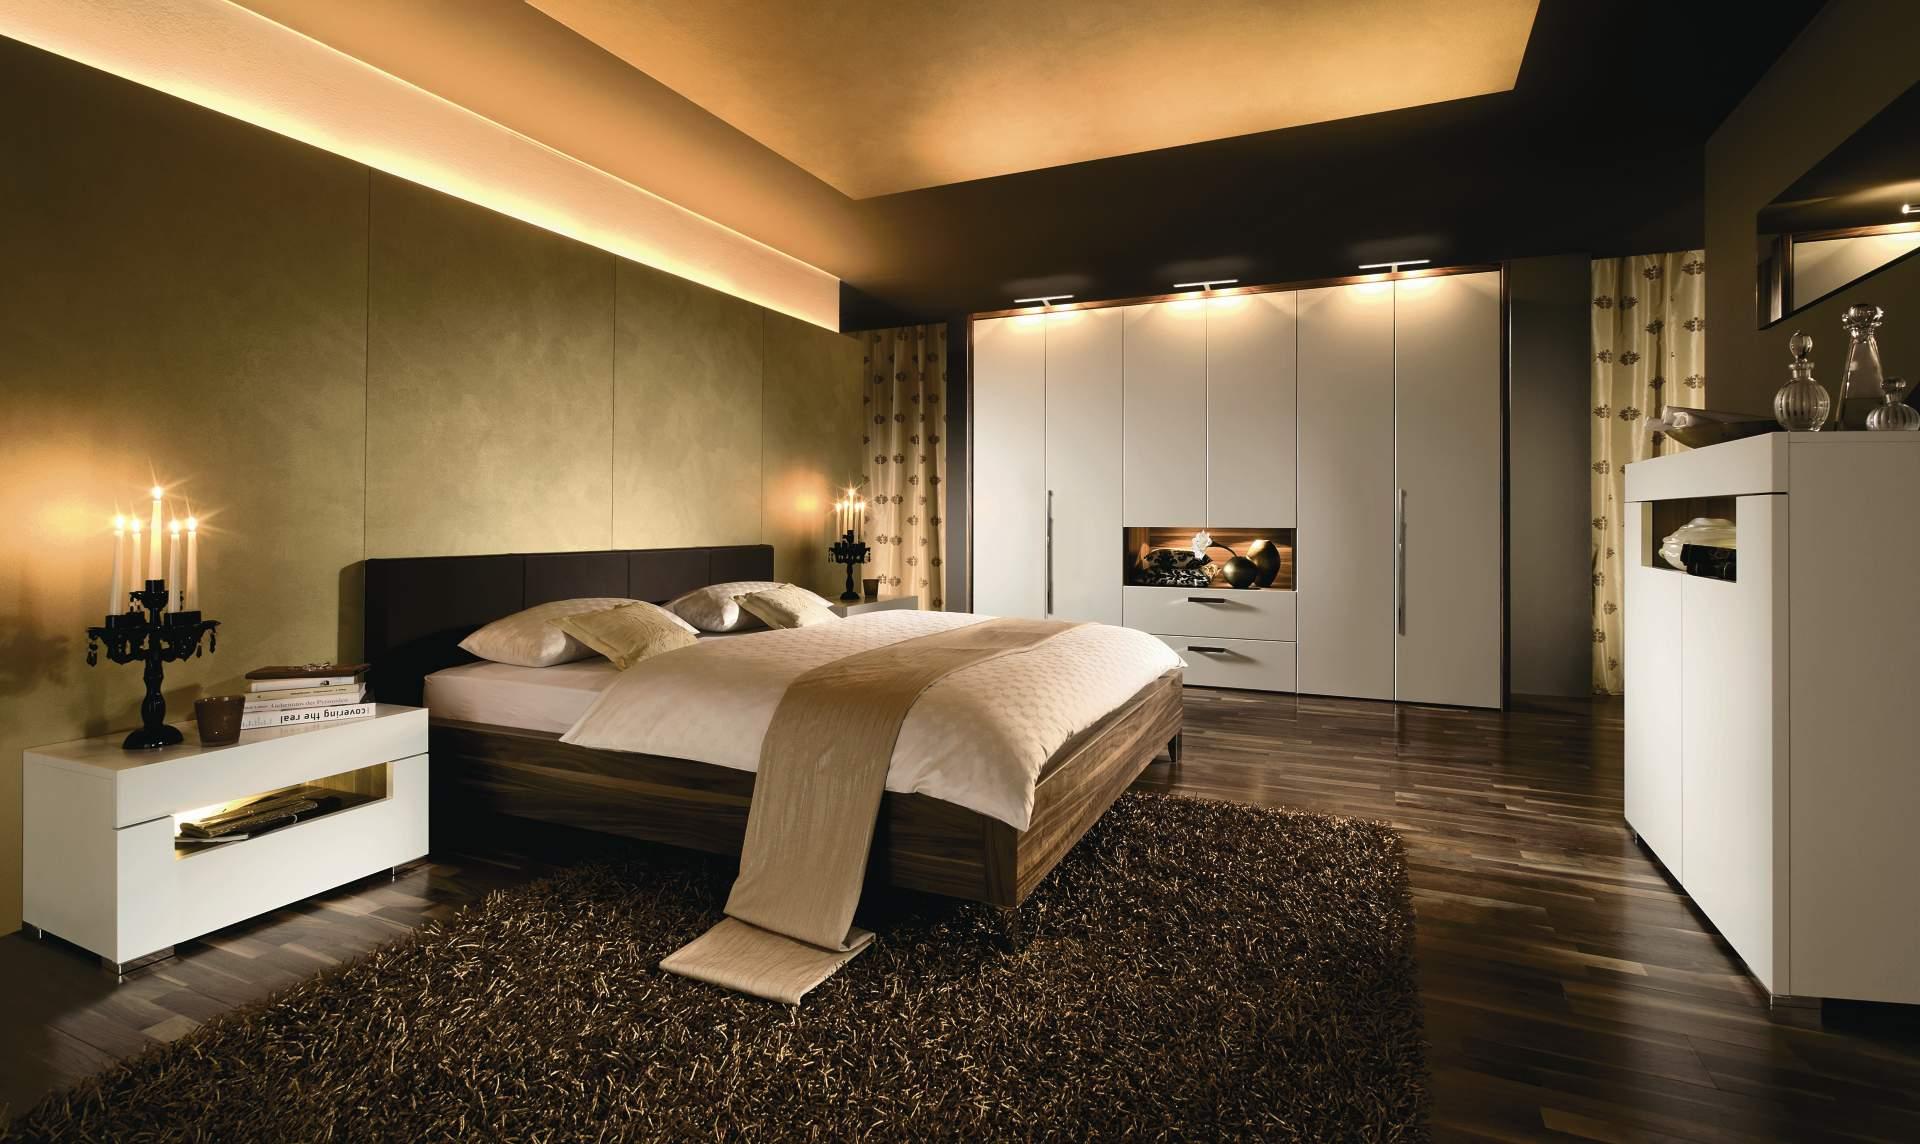 Dormir dormitorio de moda ideas dise o de interiores para - Ideas diseno de interiores ...